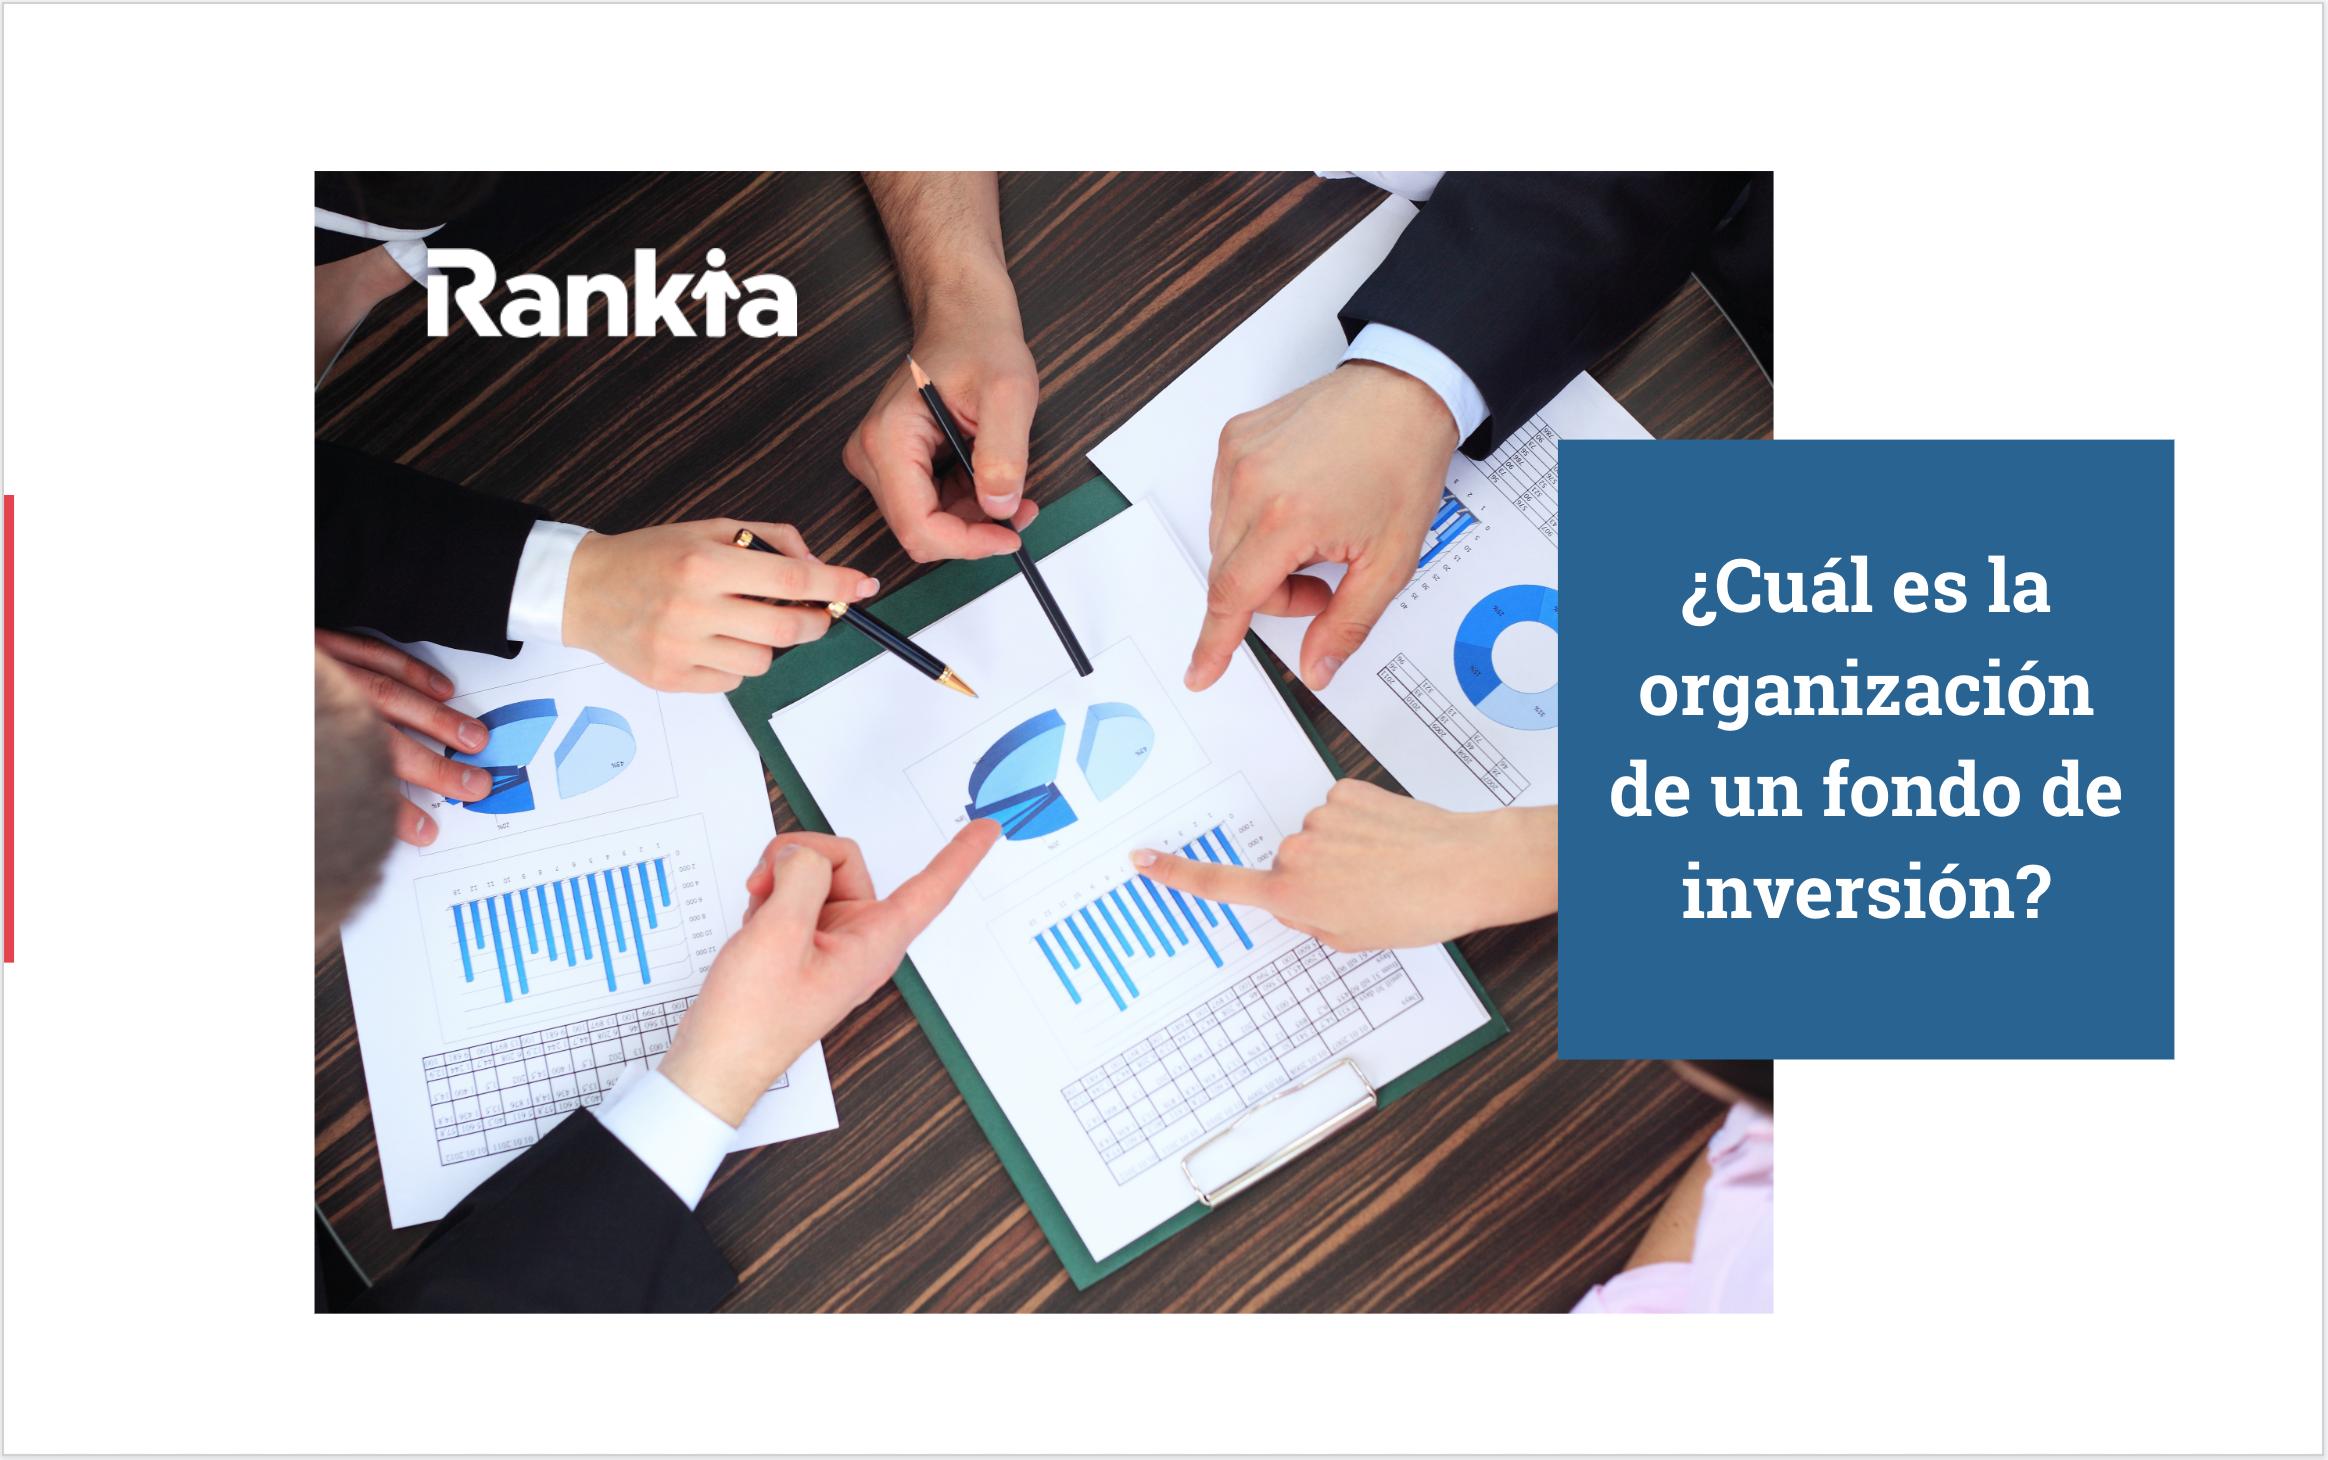 Organización fondo de inversión